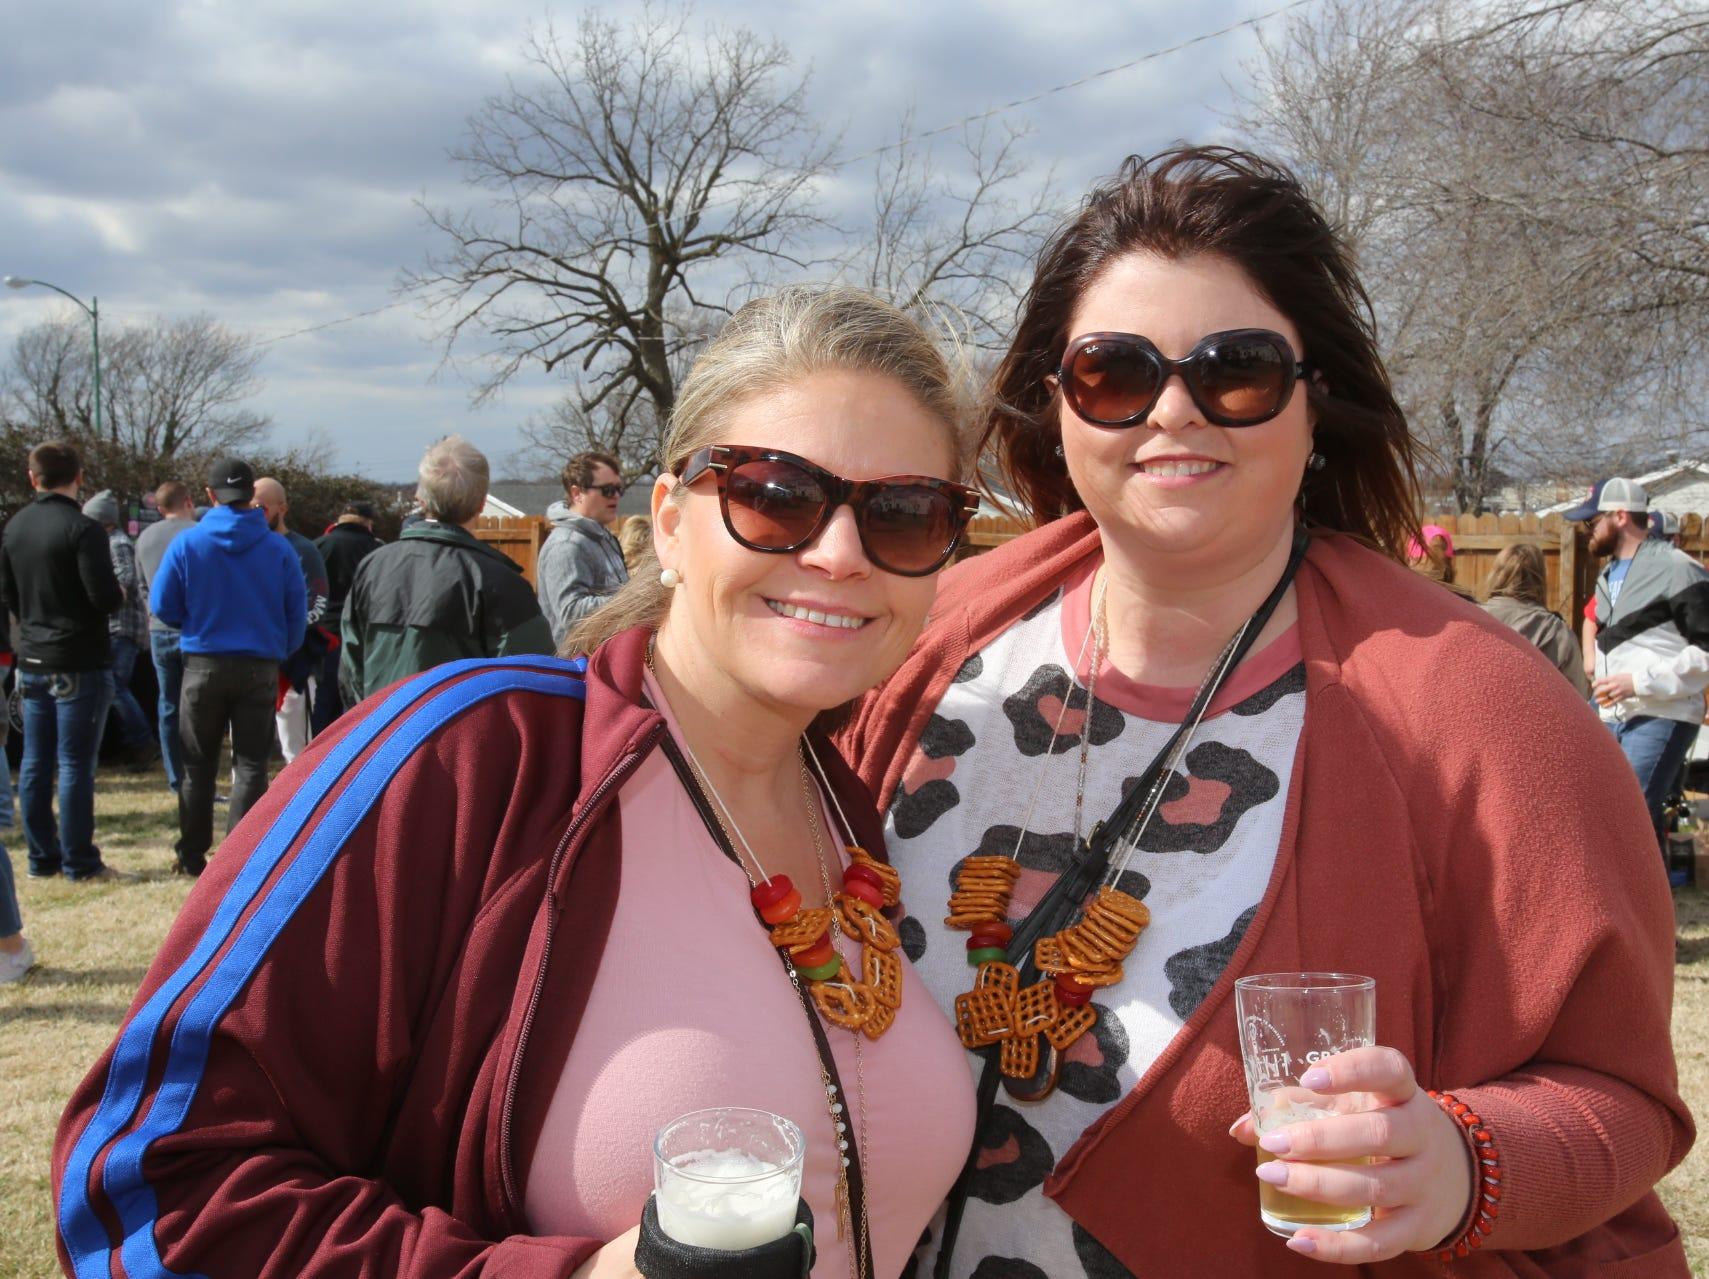 Brenda Calks and Lindsay Shelton